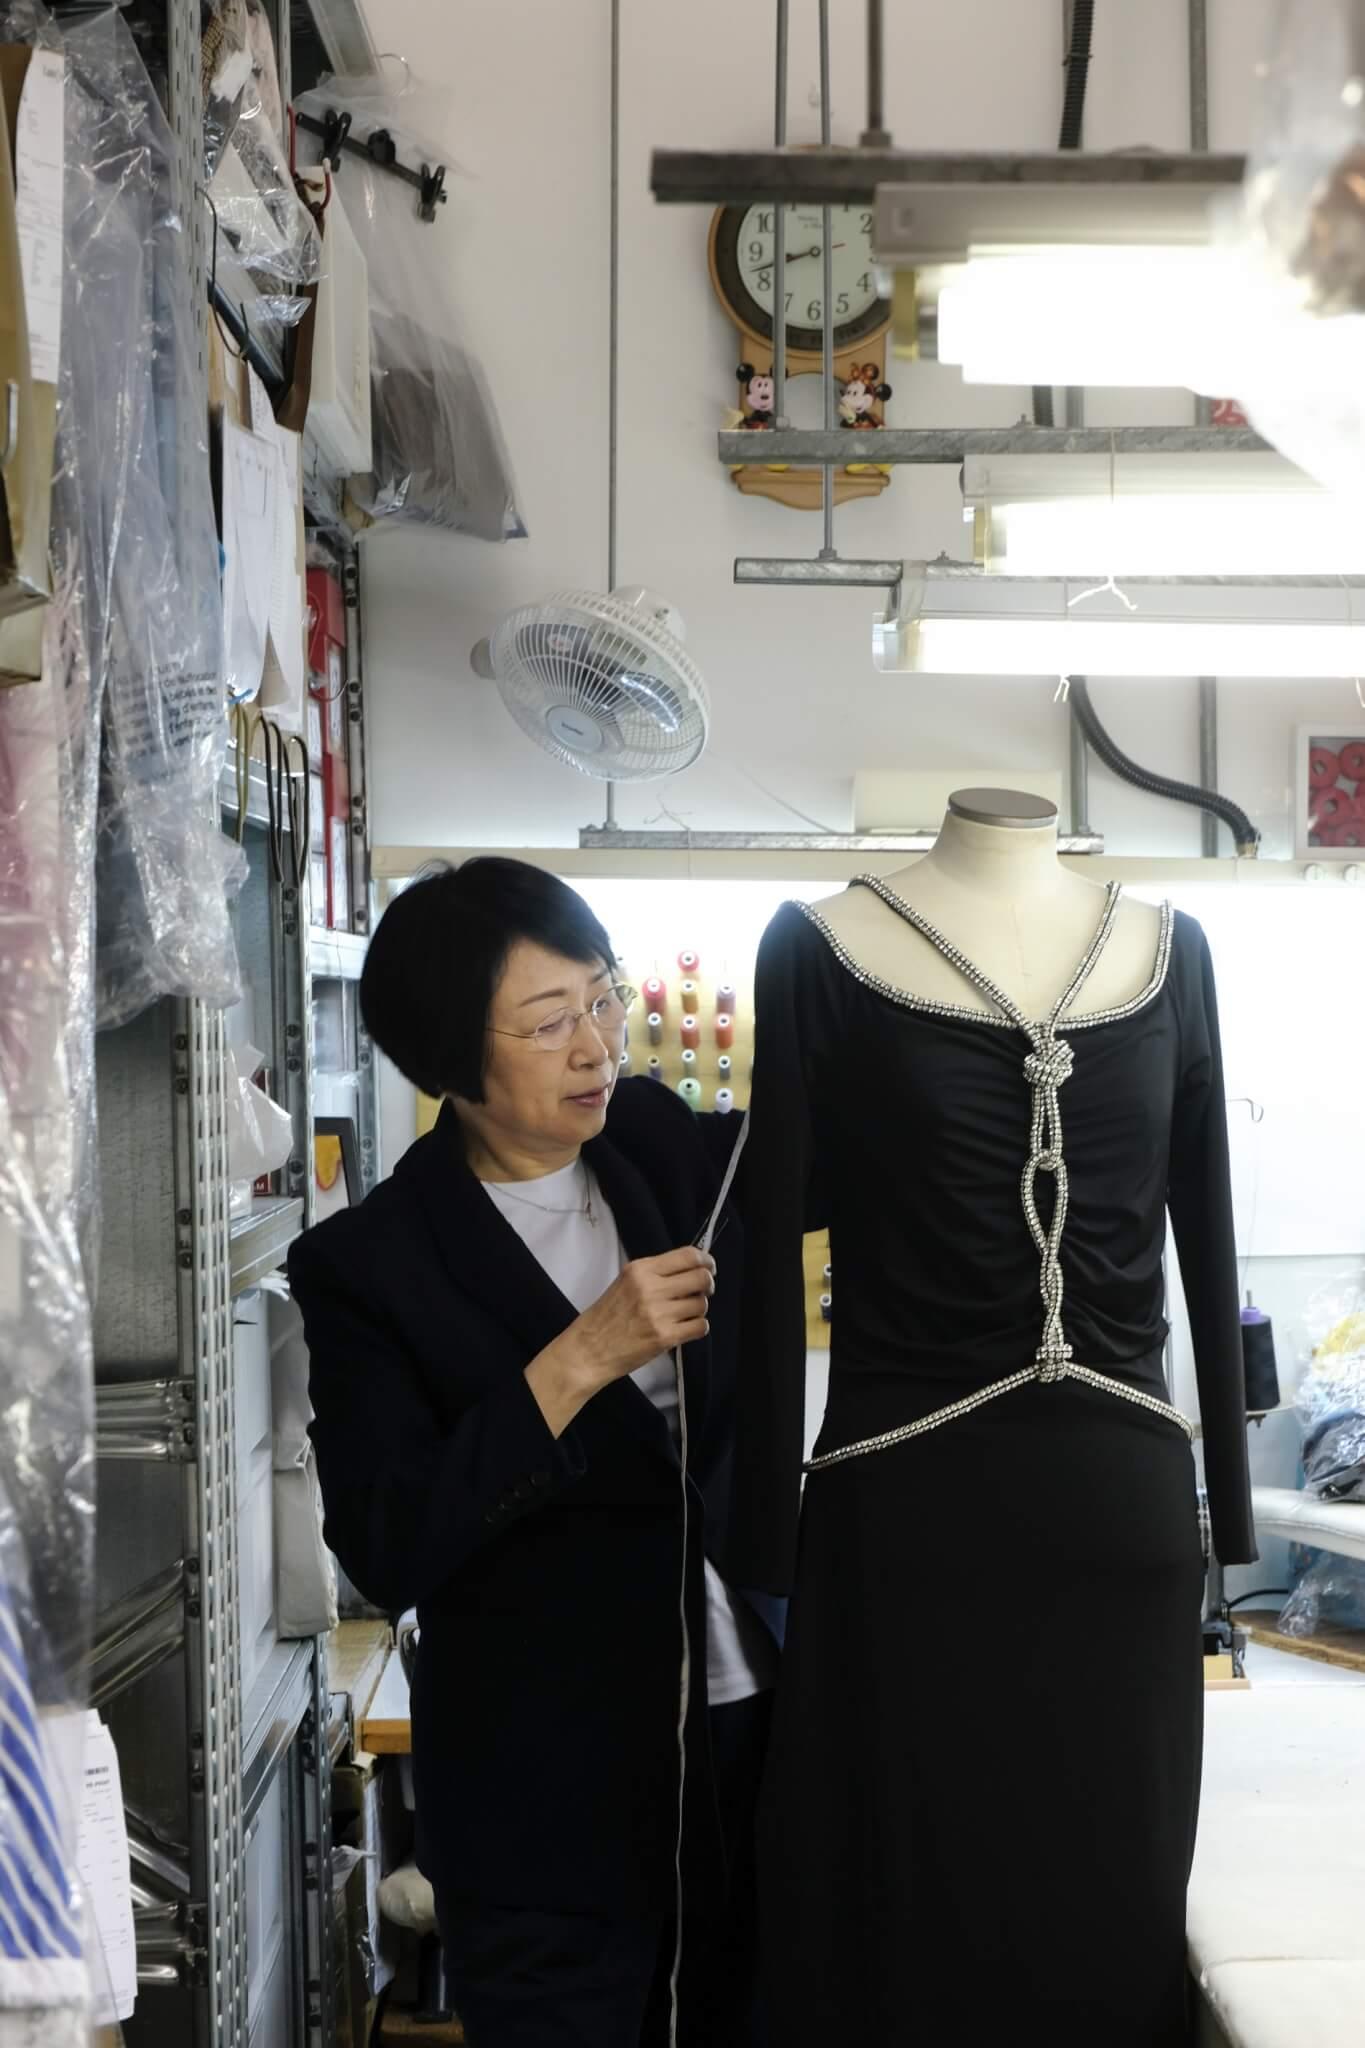 於九十年代加入連卡佛擔任裁縫一職至今已逾二十年,見證香港上流時裝的轉變和遷移;唯一不變的,是她精湛的縫紉、改衣技術,任何款式的服裝經過林師傅的巧手,皆能成為獨一無二的tailor-made服裝,深得熟客信任。